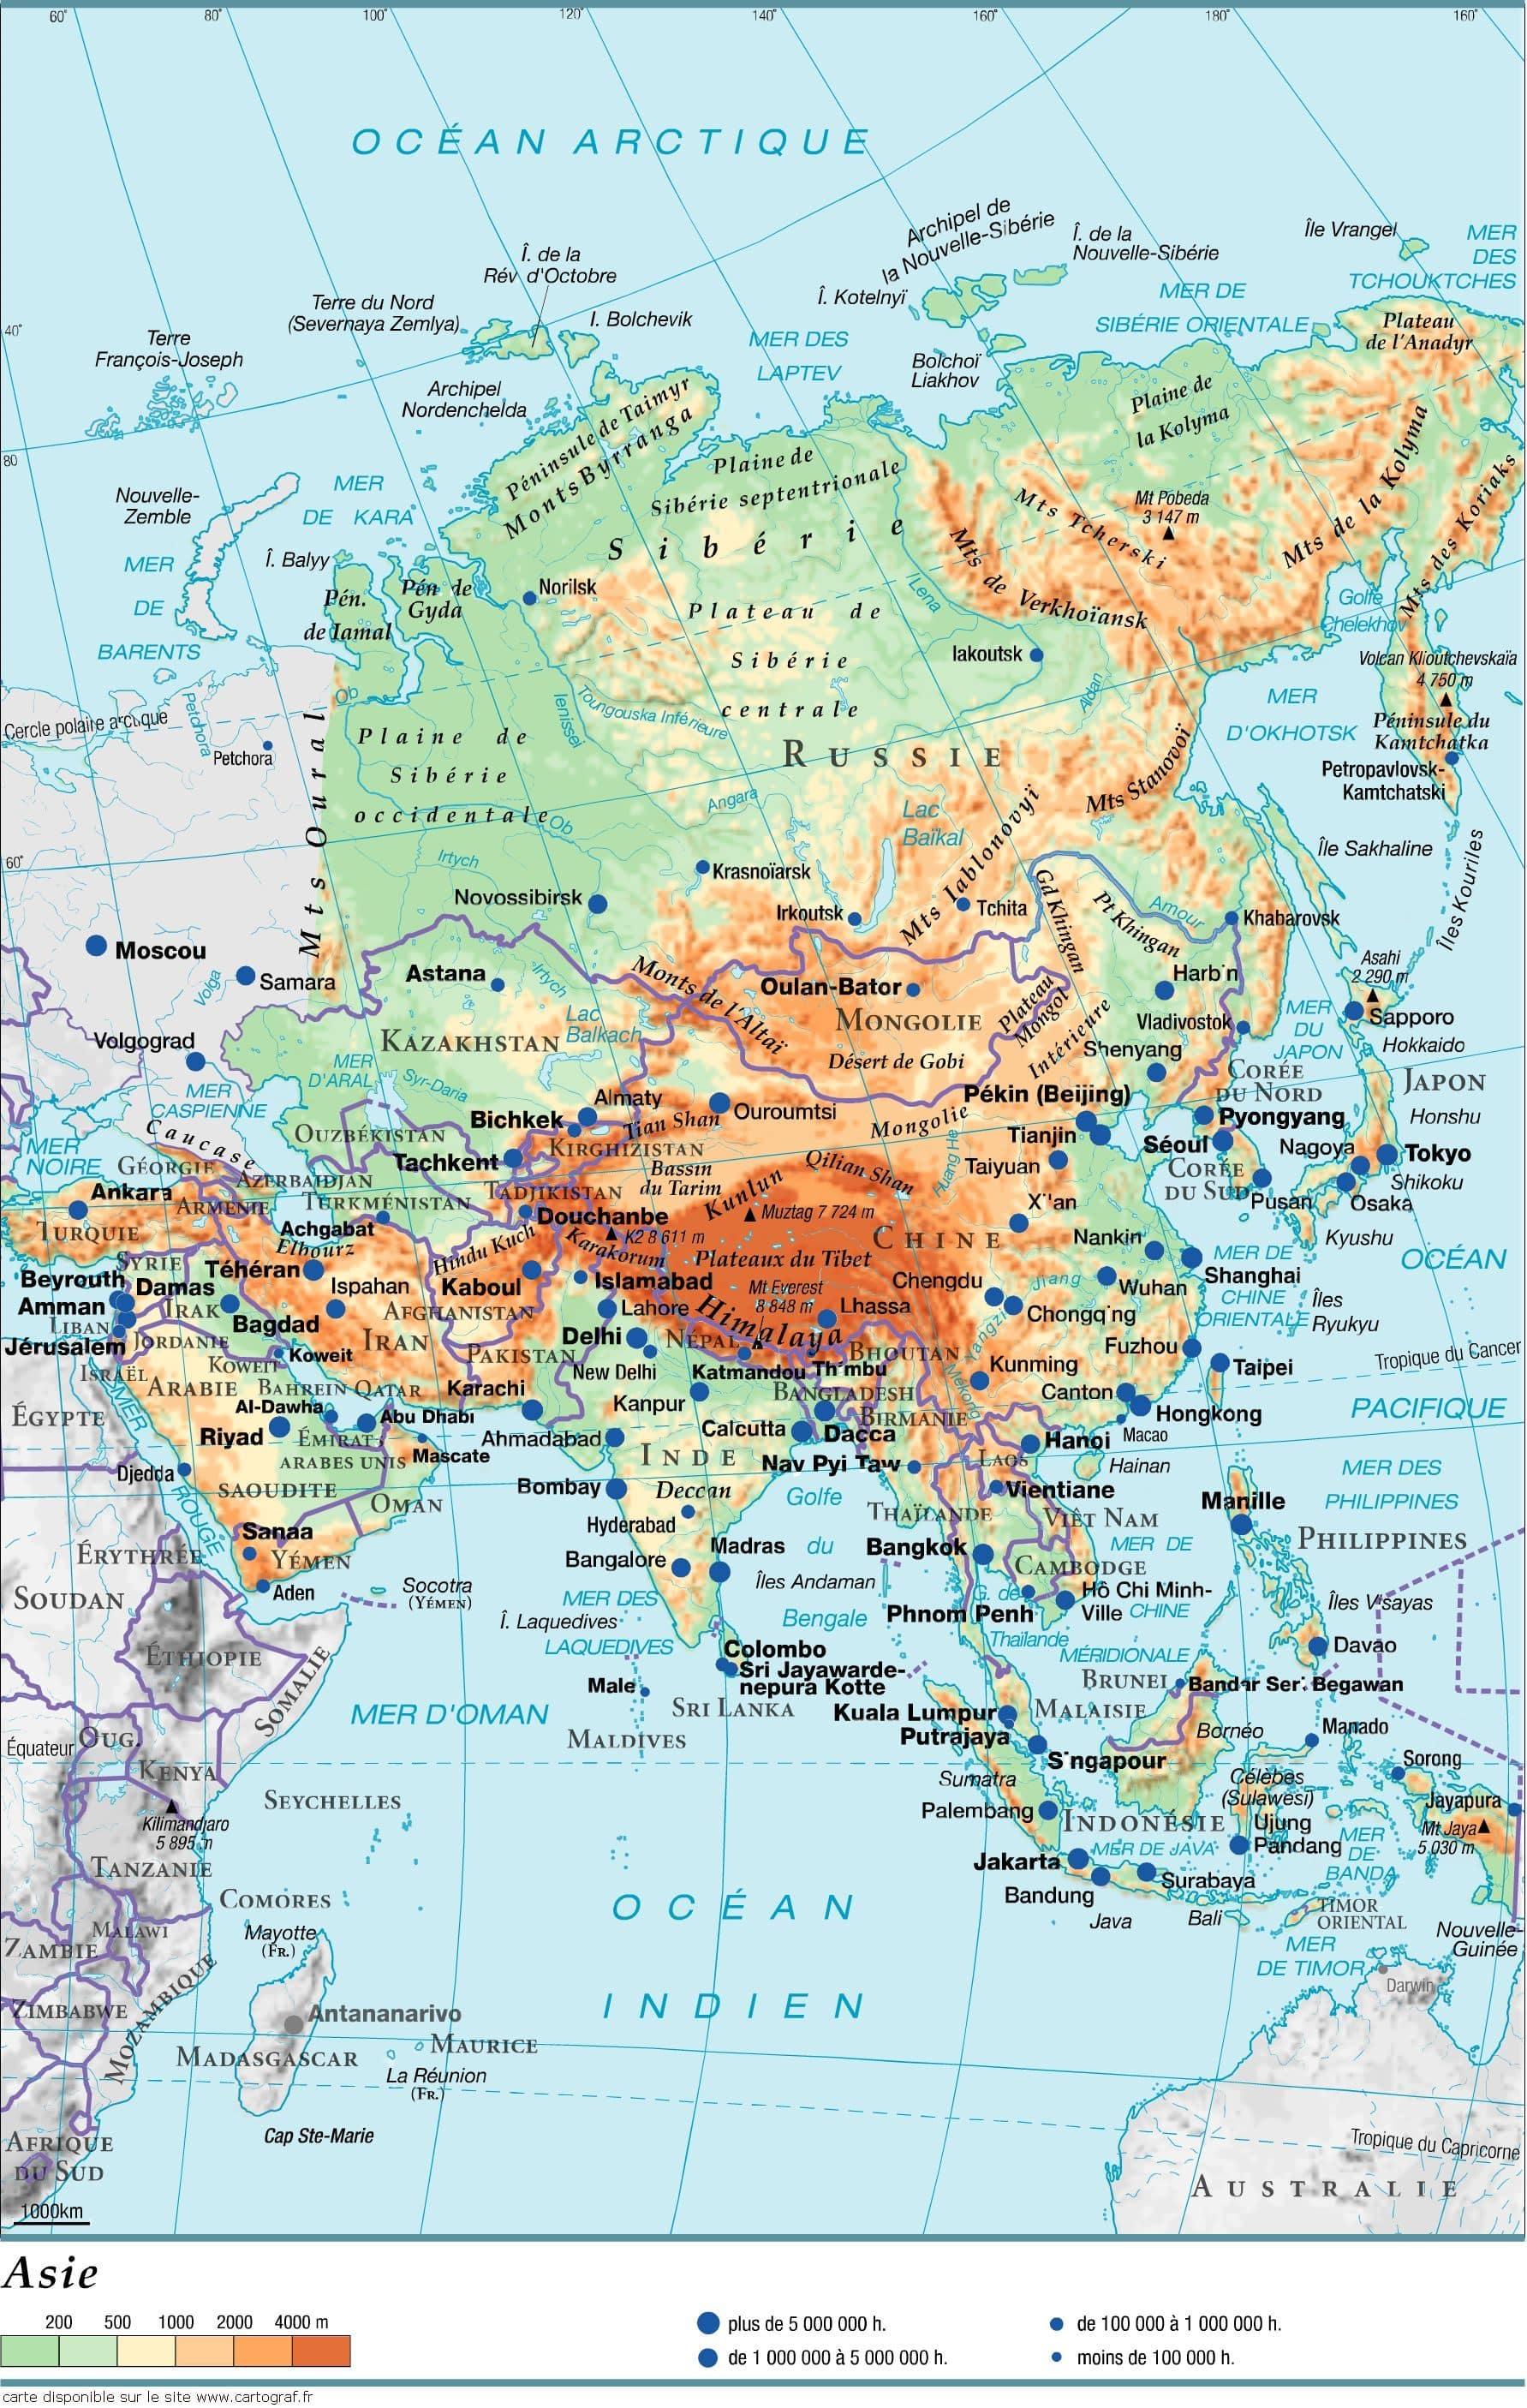 Carte Geographique Asie Pacifique.Cartograf Fr Les Cartes Des Continents L Asie Page 2